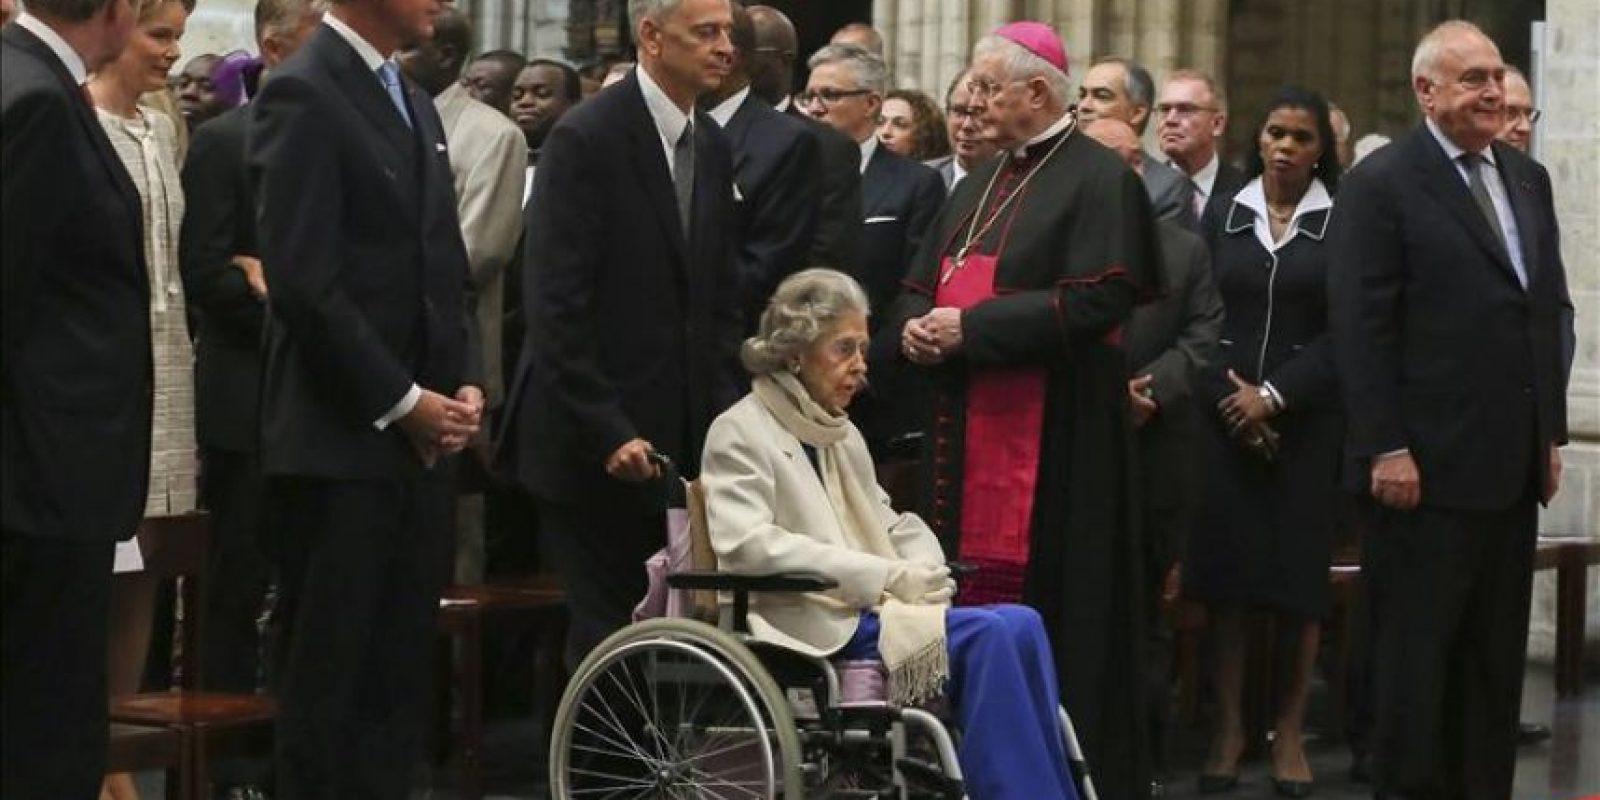 La reina Fabiola de Bélgica (c) asiste a una misa para conmemorar el 20 aniversario de la muerte de su difunto esposo el rey Balduino en la catedral de Santa Gúdula de Bruselas (Bélgica). EFE/Archivo